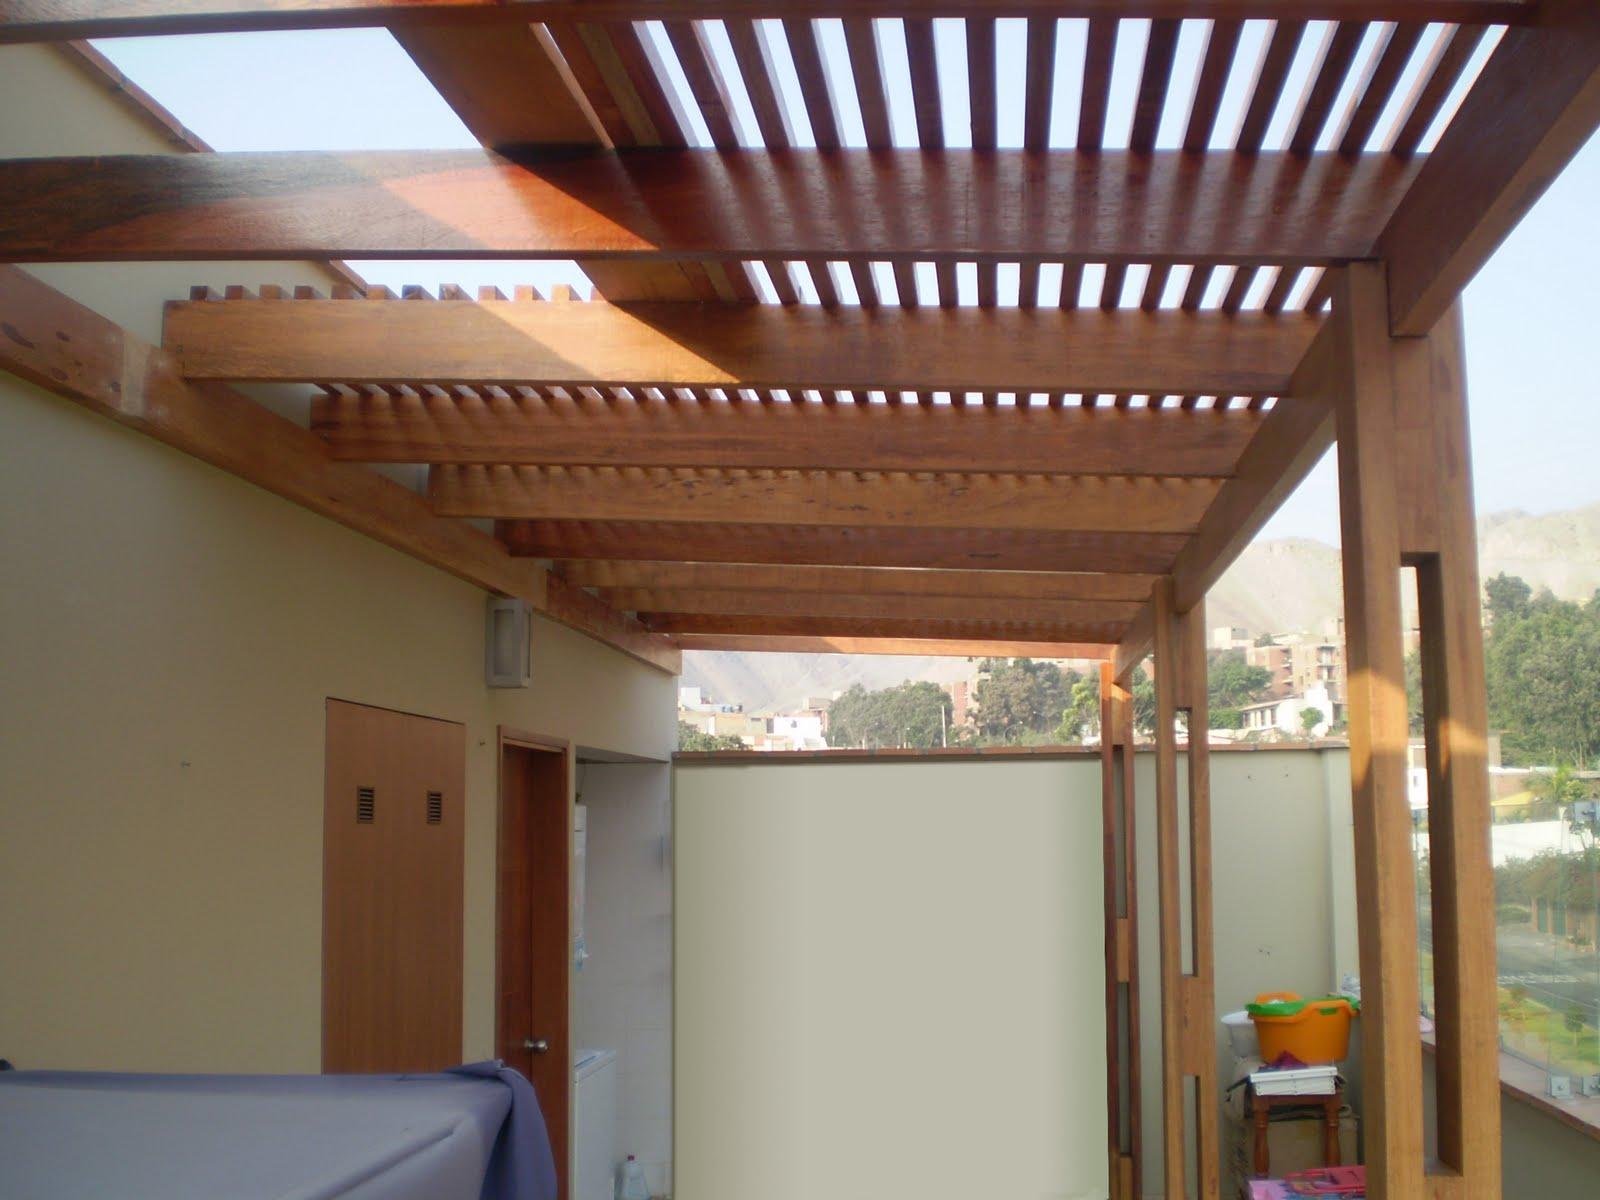 pisos mick pisos techos y sol y sombra. Black Bedroom Furniture Sets. Home Design Ideas